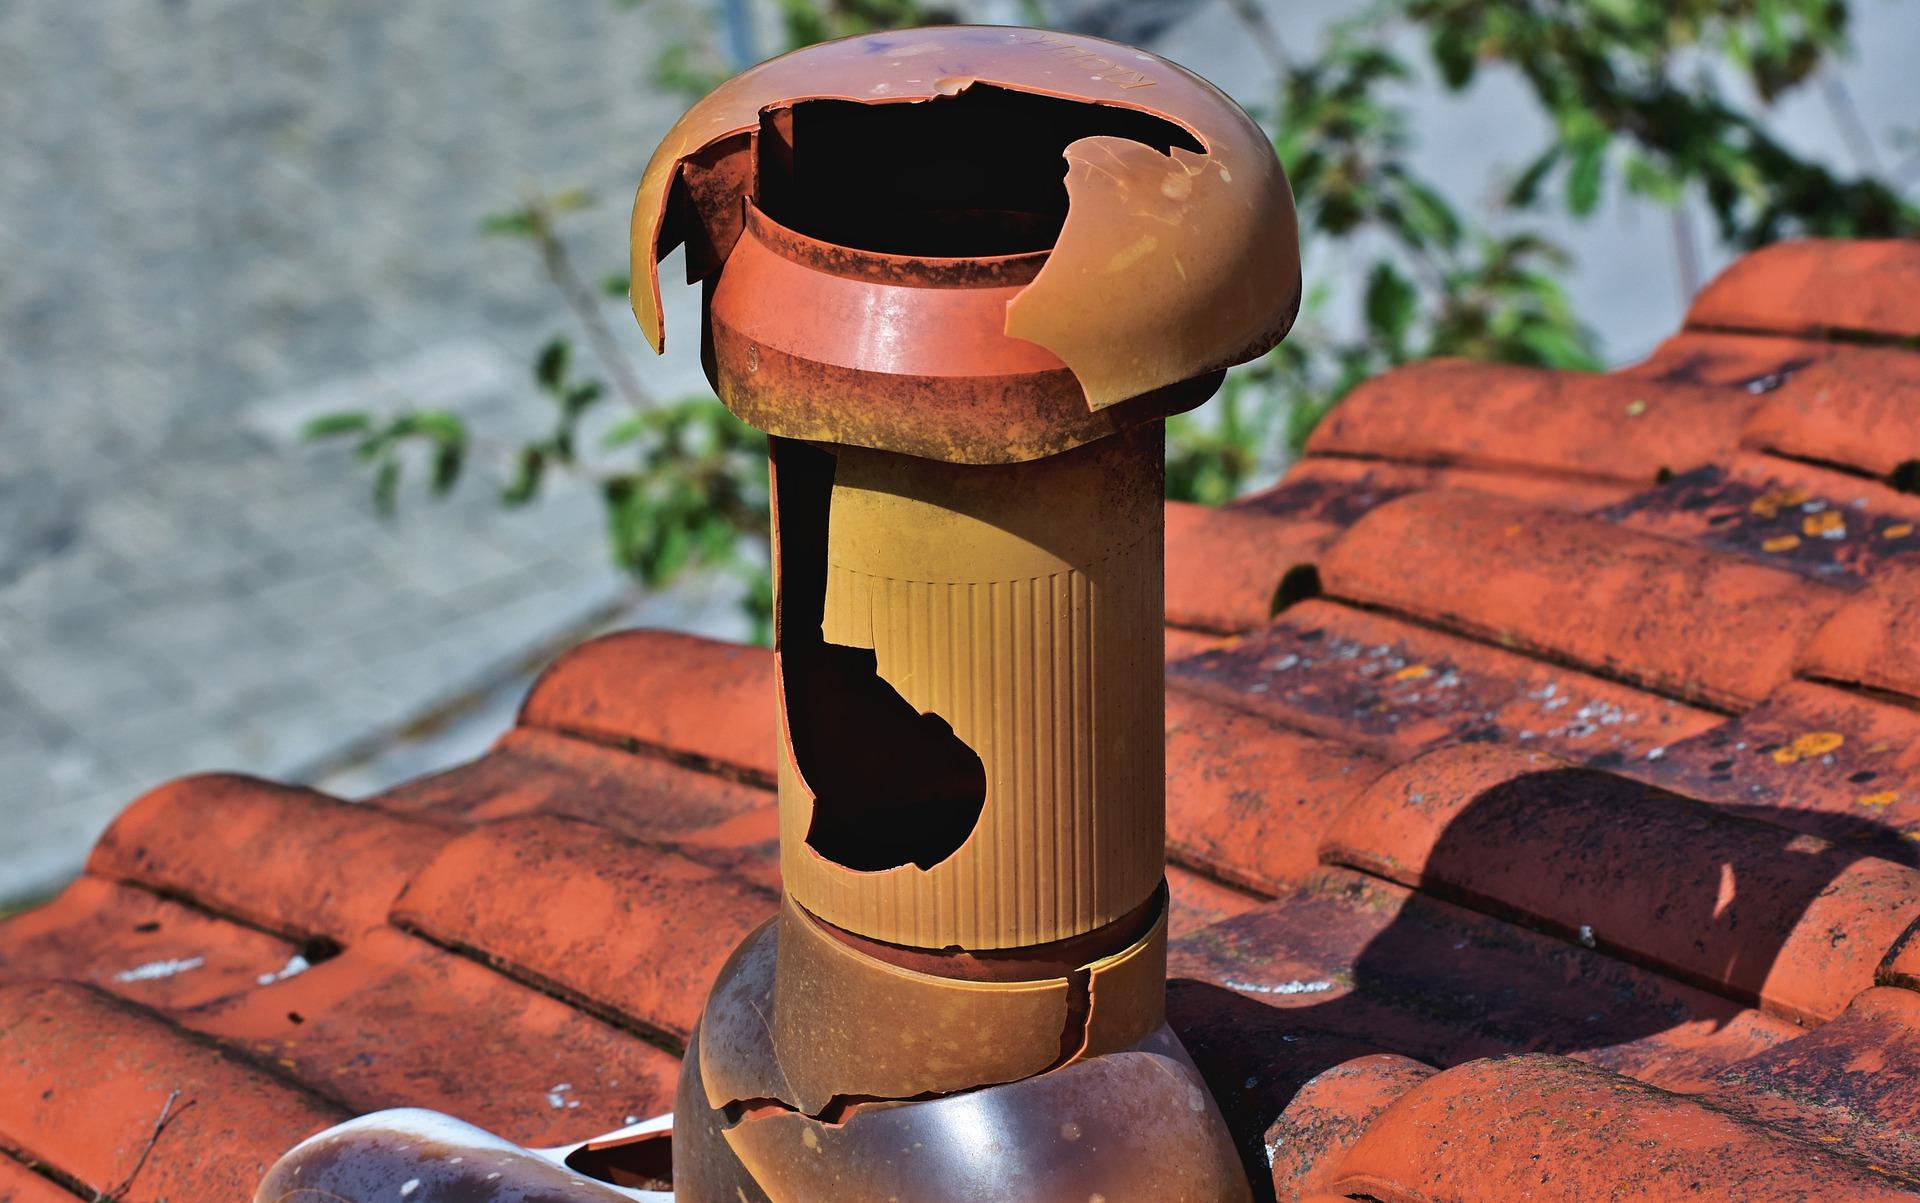 Falta de limpeza de chaminés aumenta risco de incêndios